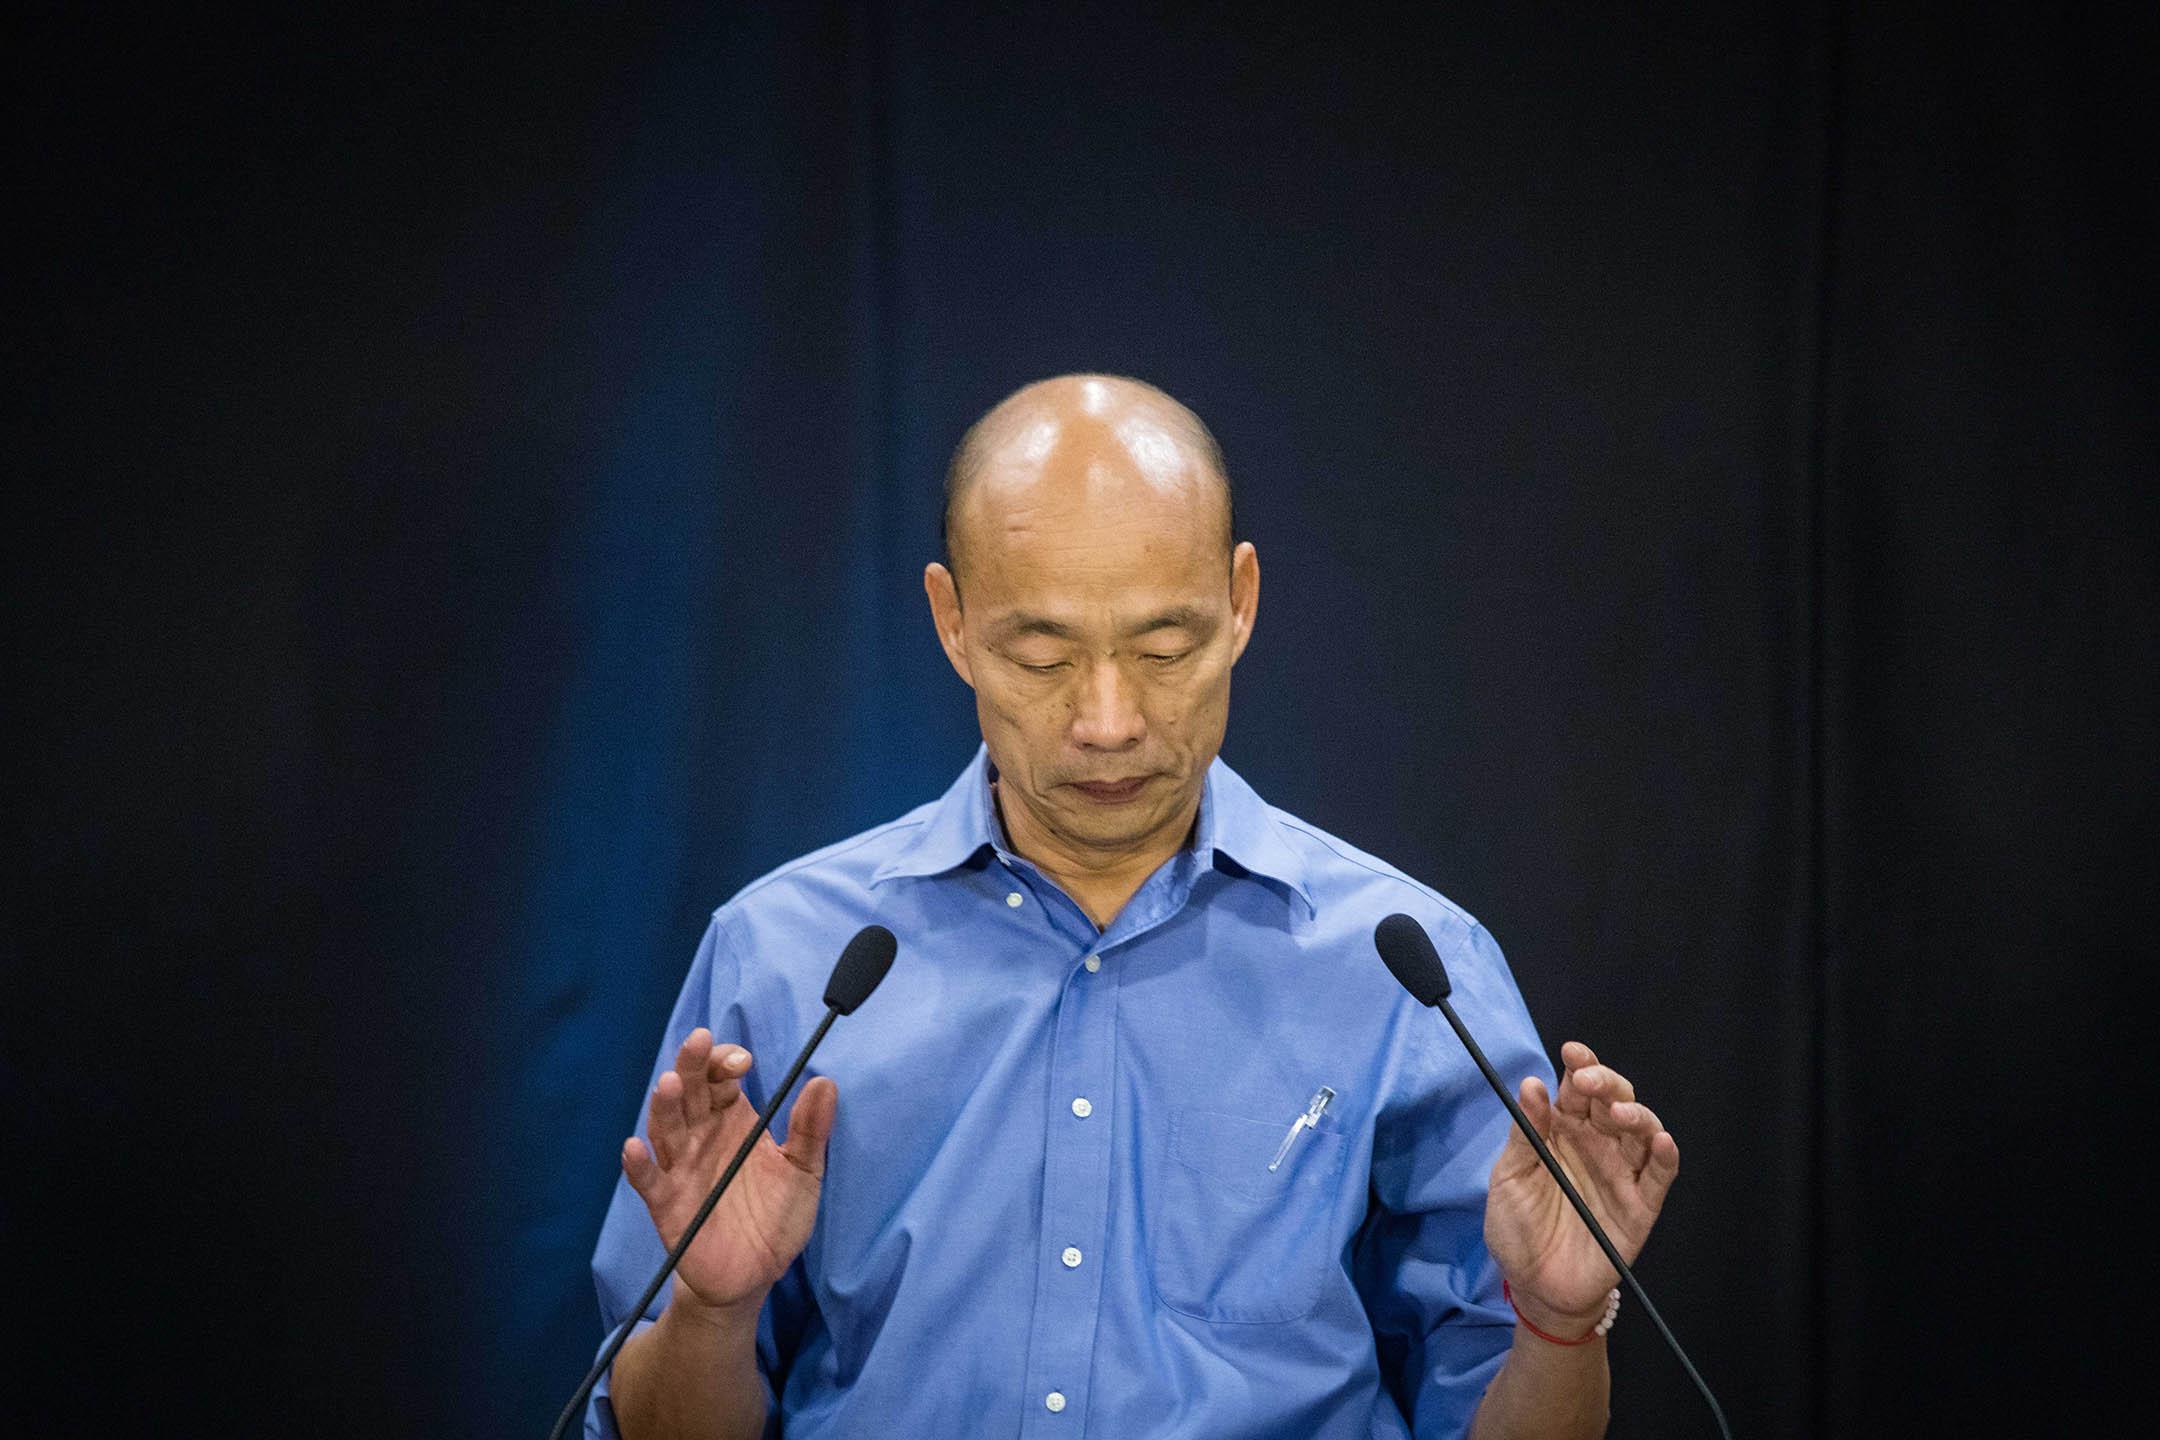 2019年6月25日高雄,韓國瑜出席2020年總統大選國民黨初選的政見發表會。 攝:陳焯煇/端傳媒